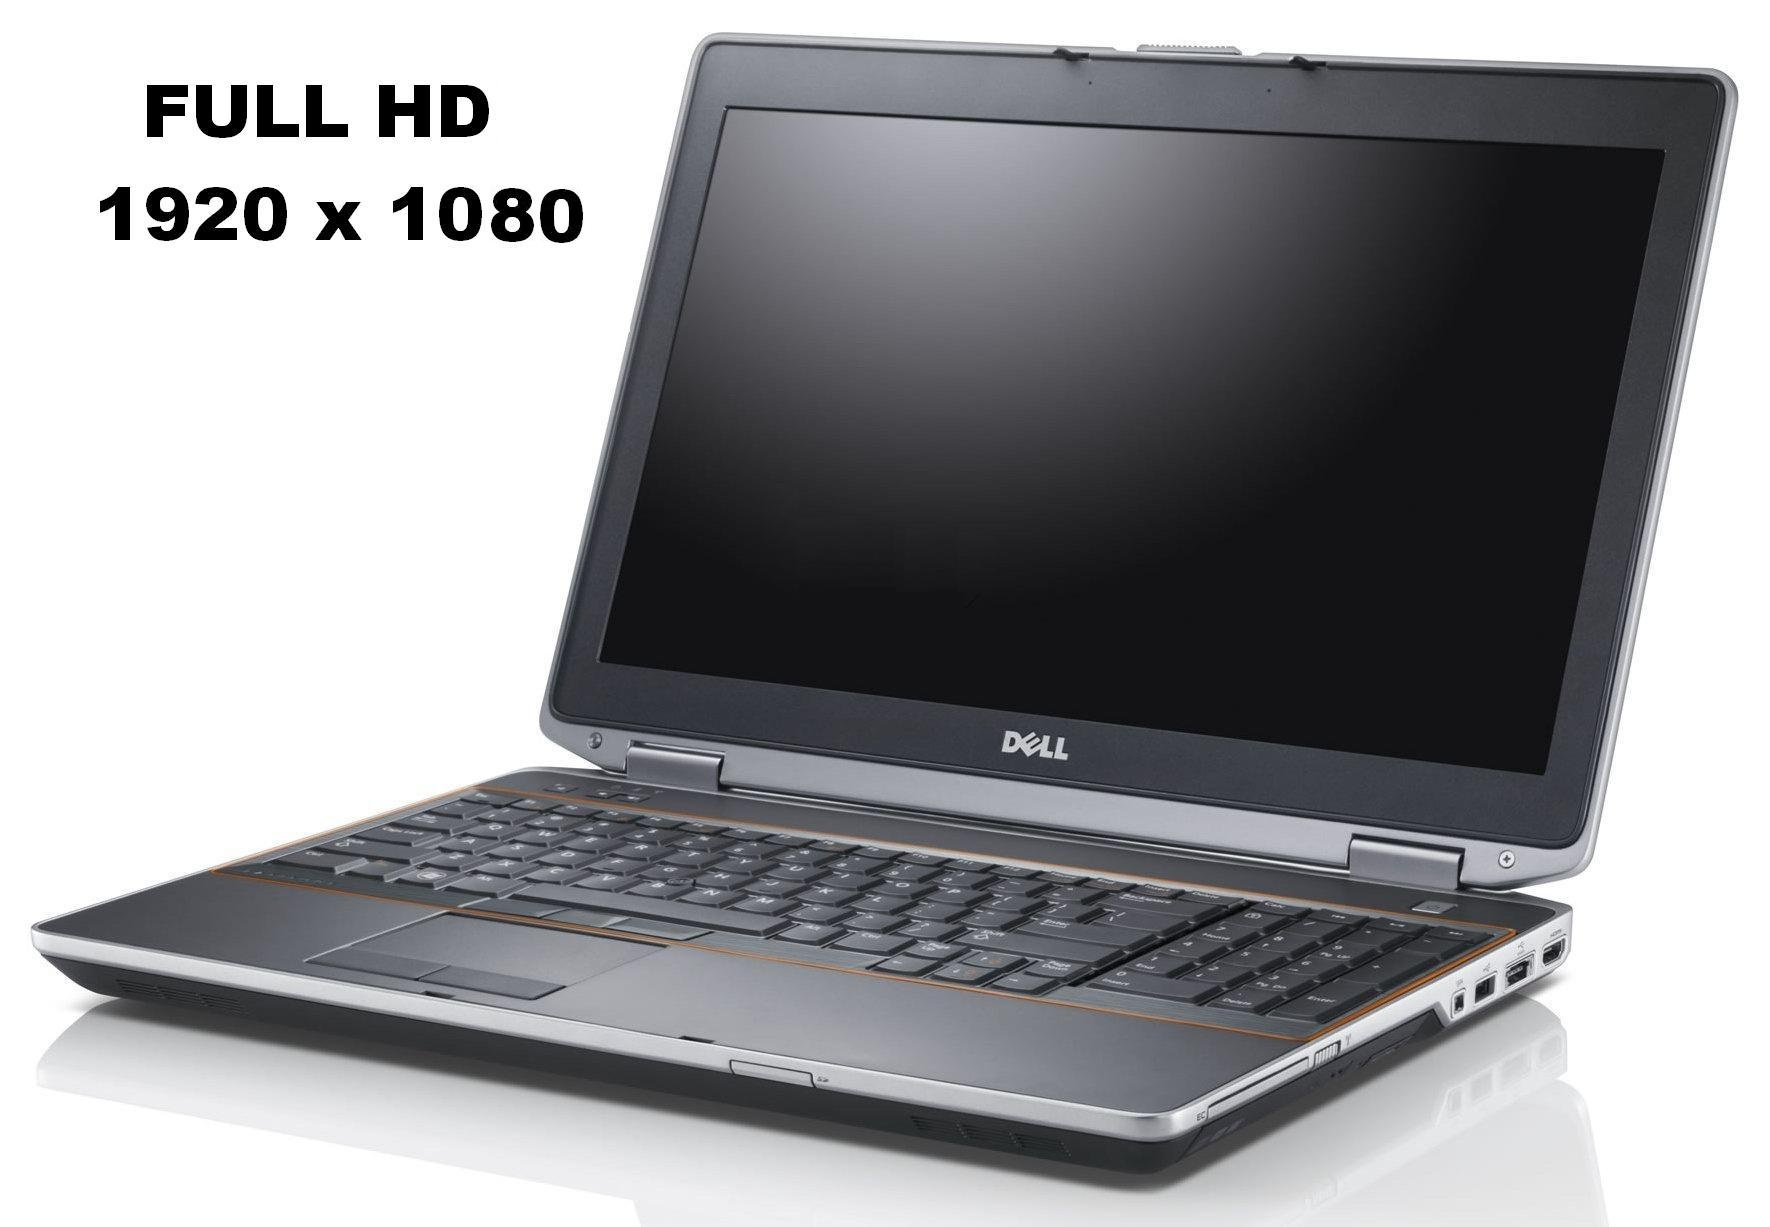 Dell Latitude E6520 FHD win 10